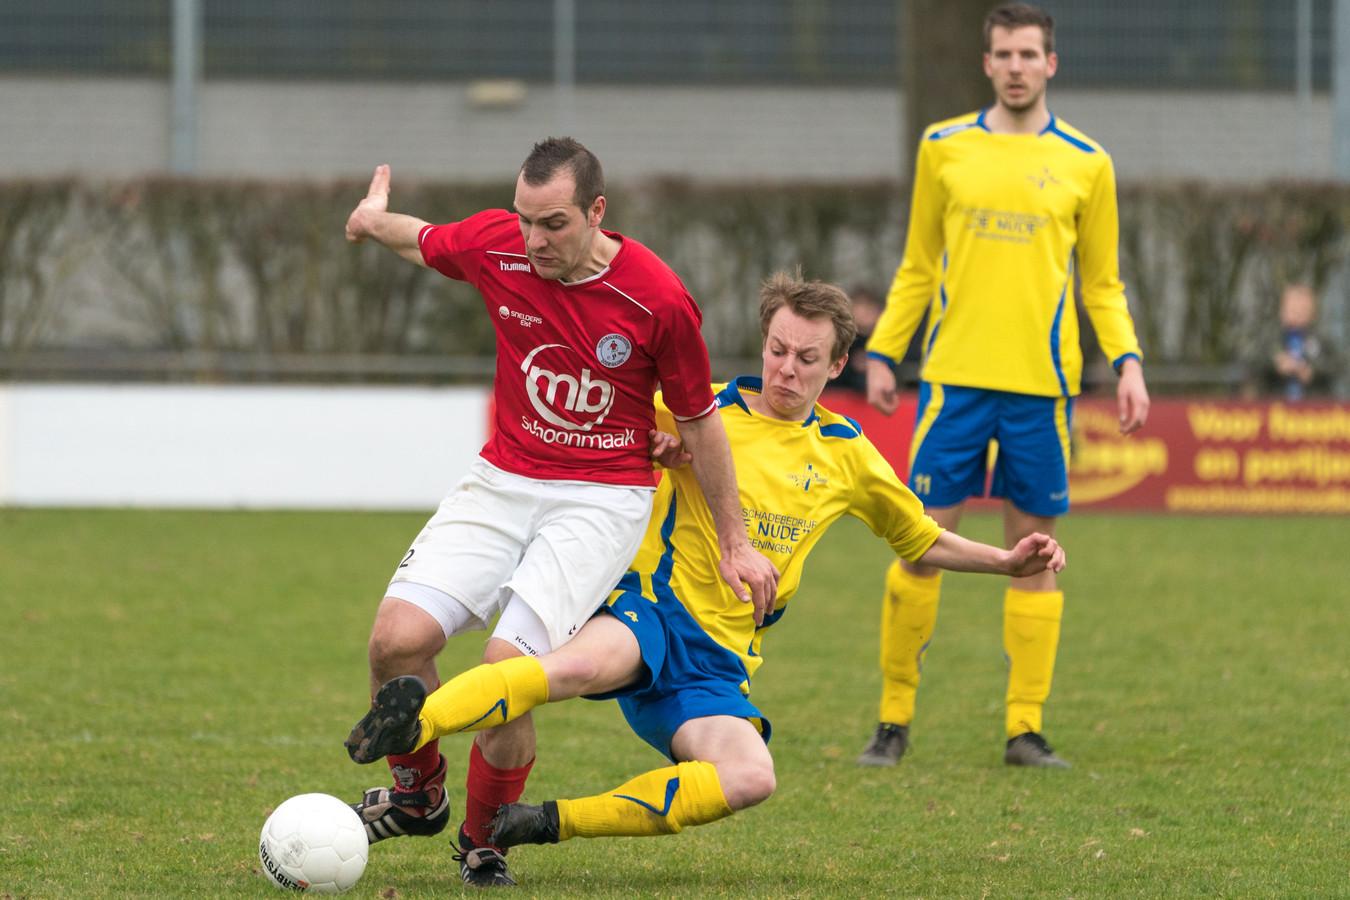 Dodewaard_EMM Voetbalwedstrijd tussen Dodewaard en EMM Randwijk.